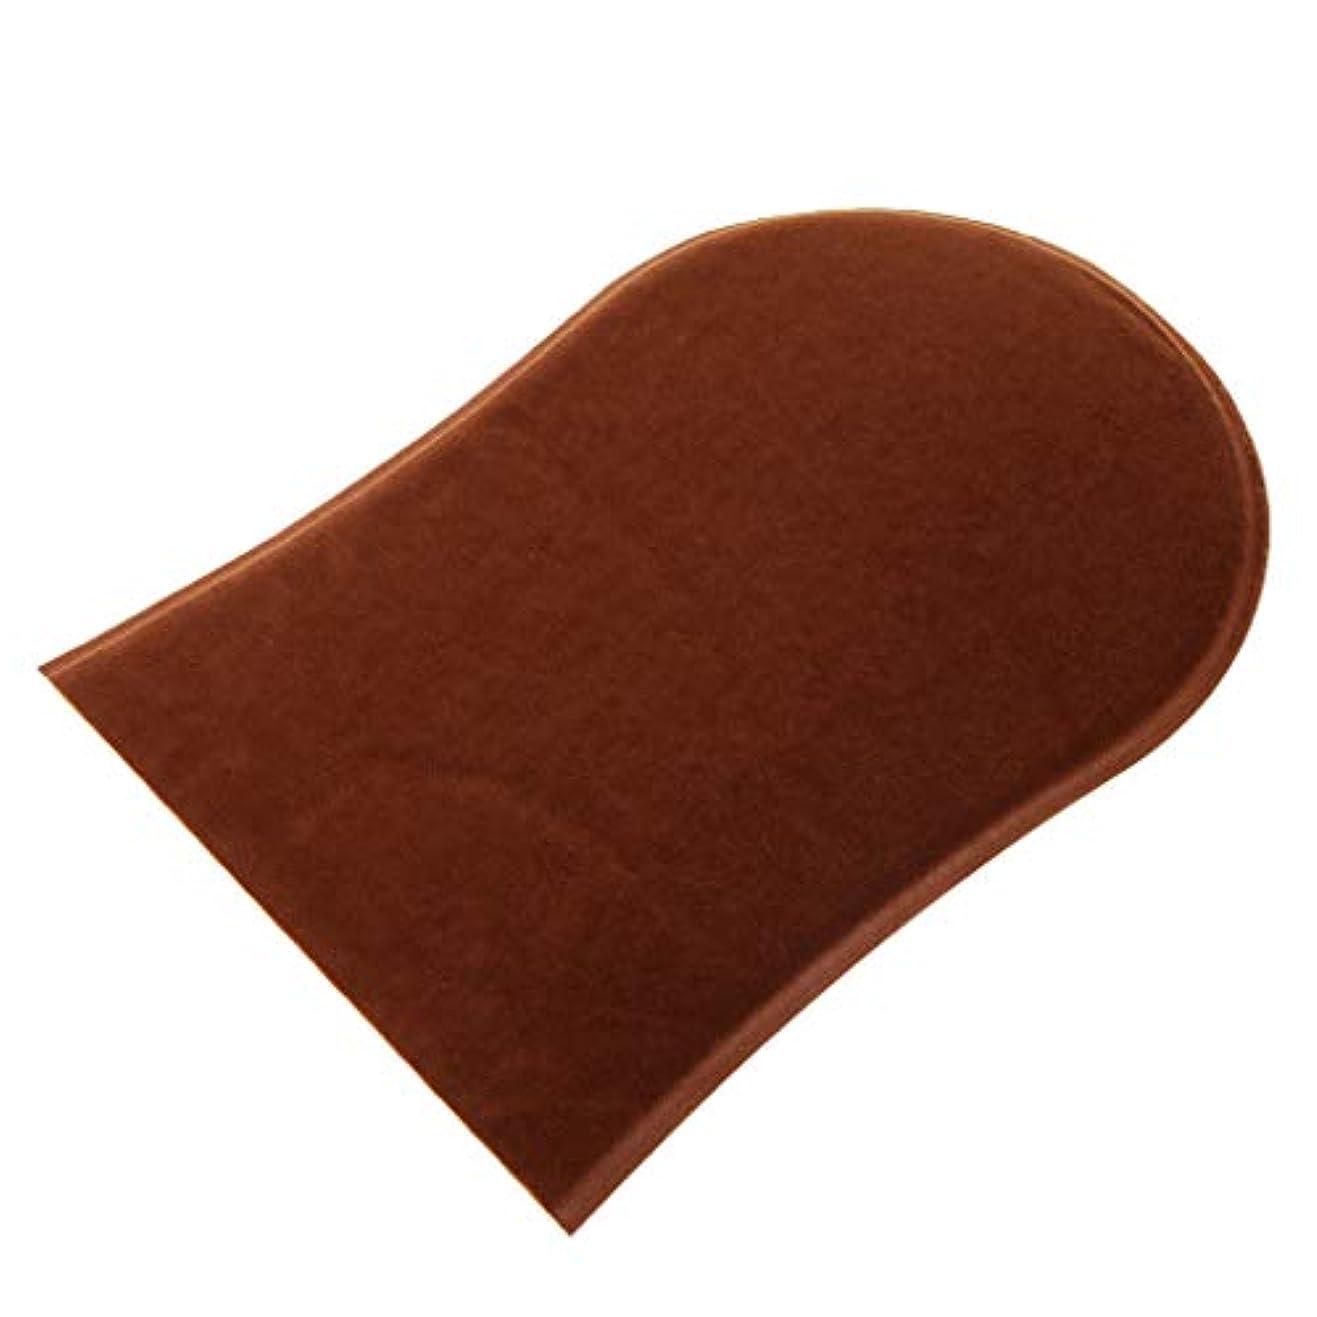 所有者代表する芸術T TOOYFUL 手袋 防水 再利用可能 滑らか ハンドケア セルフタンニング 両面 約19*12cm